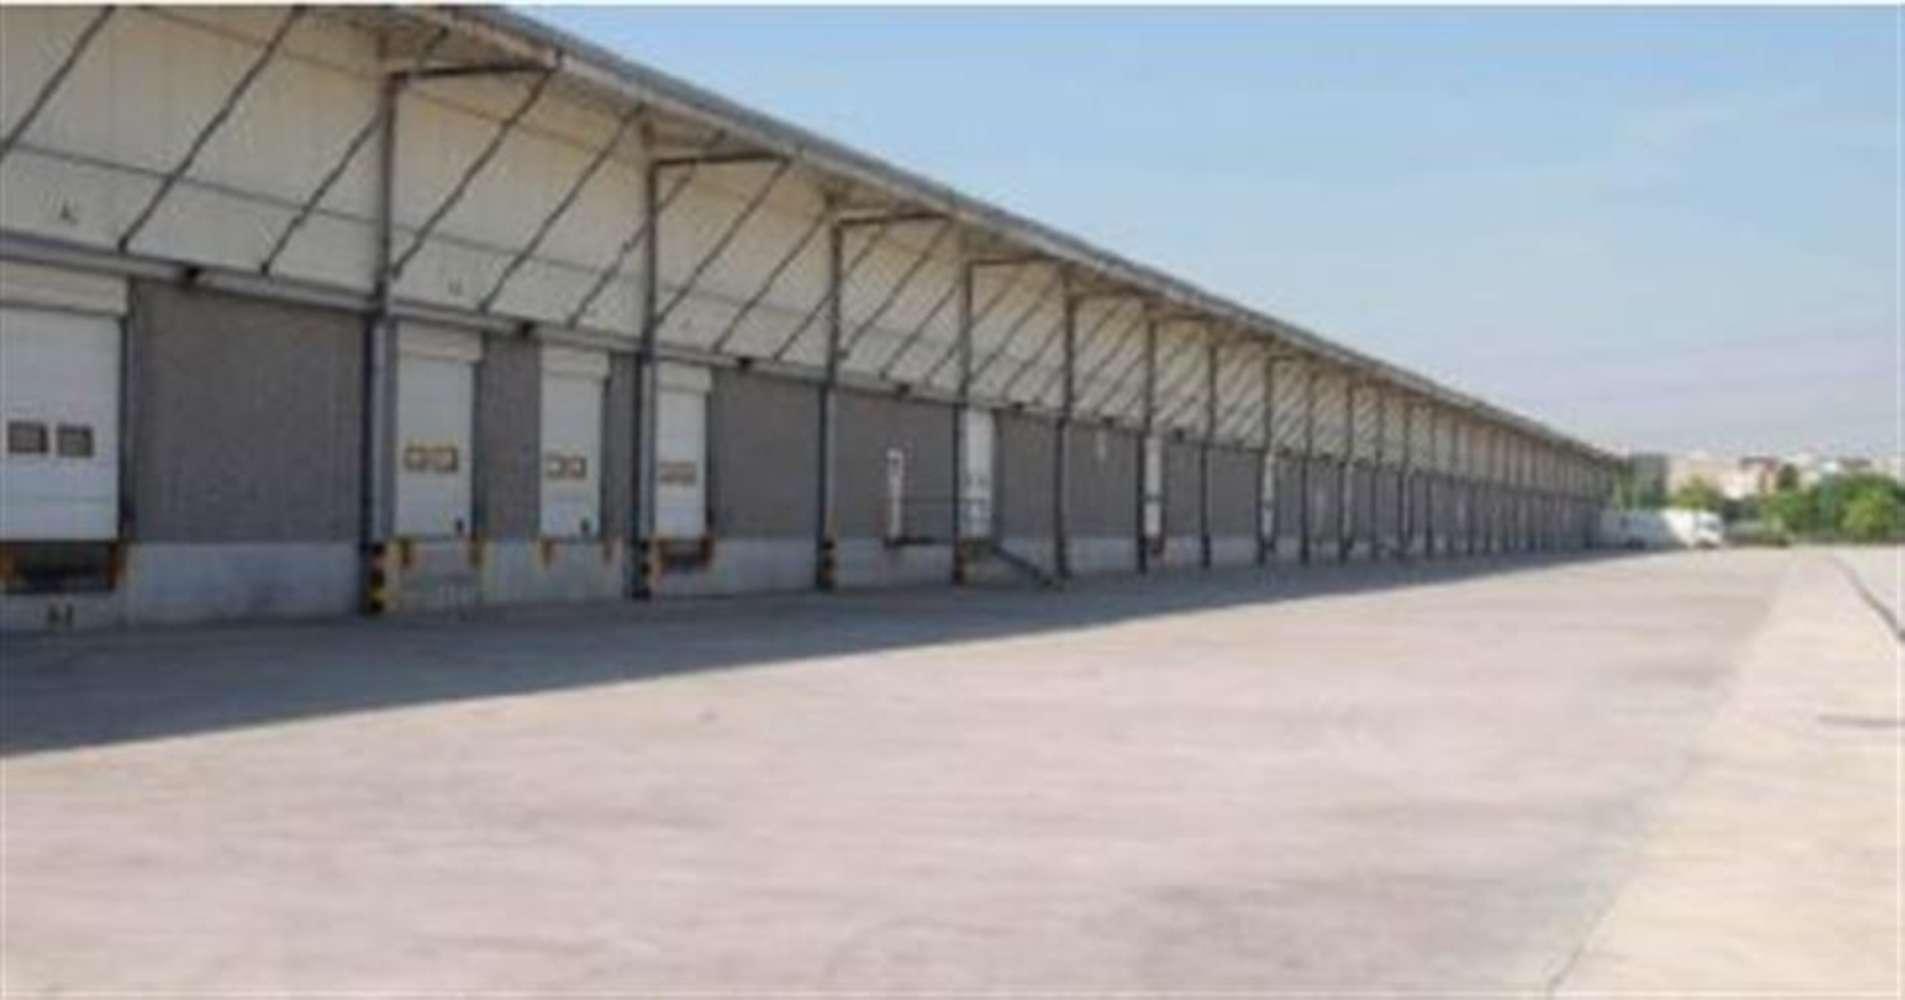 Naves industriales y logísticas Santa perpètua de mogoda, 08130 - Nave Logística - B0187 - CIM VALLES - 11702